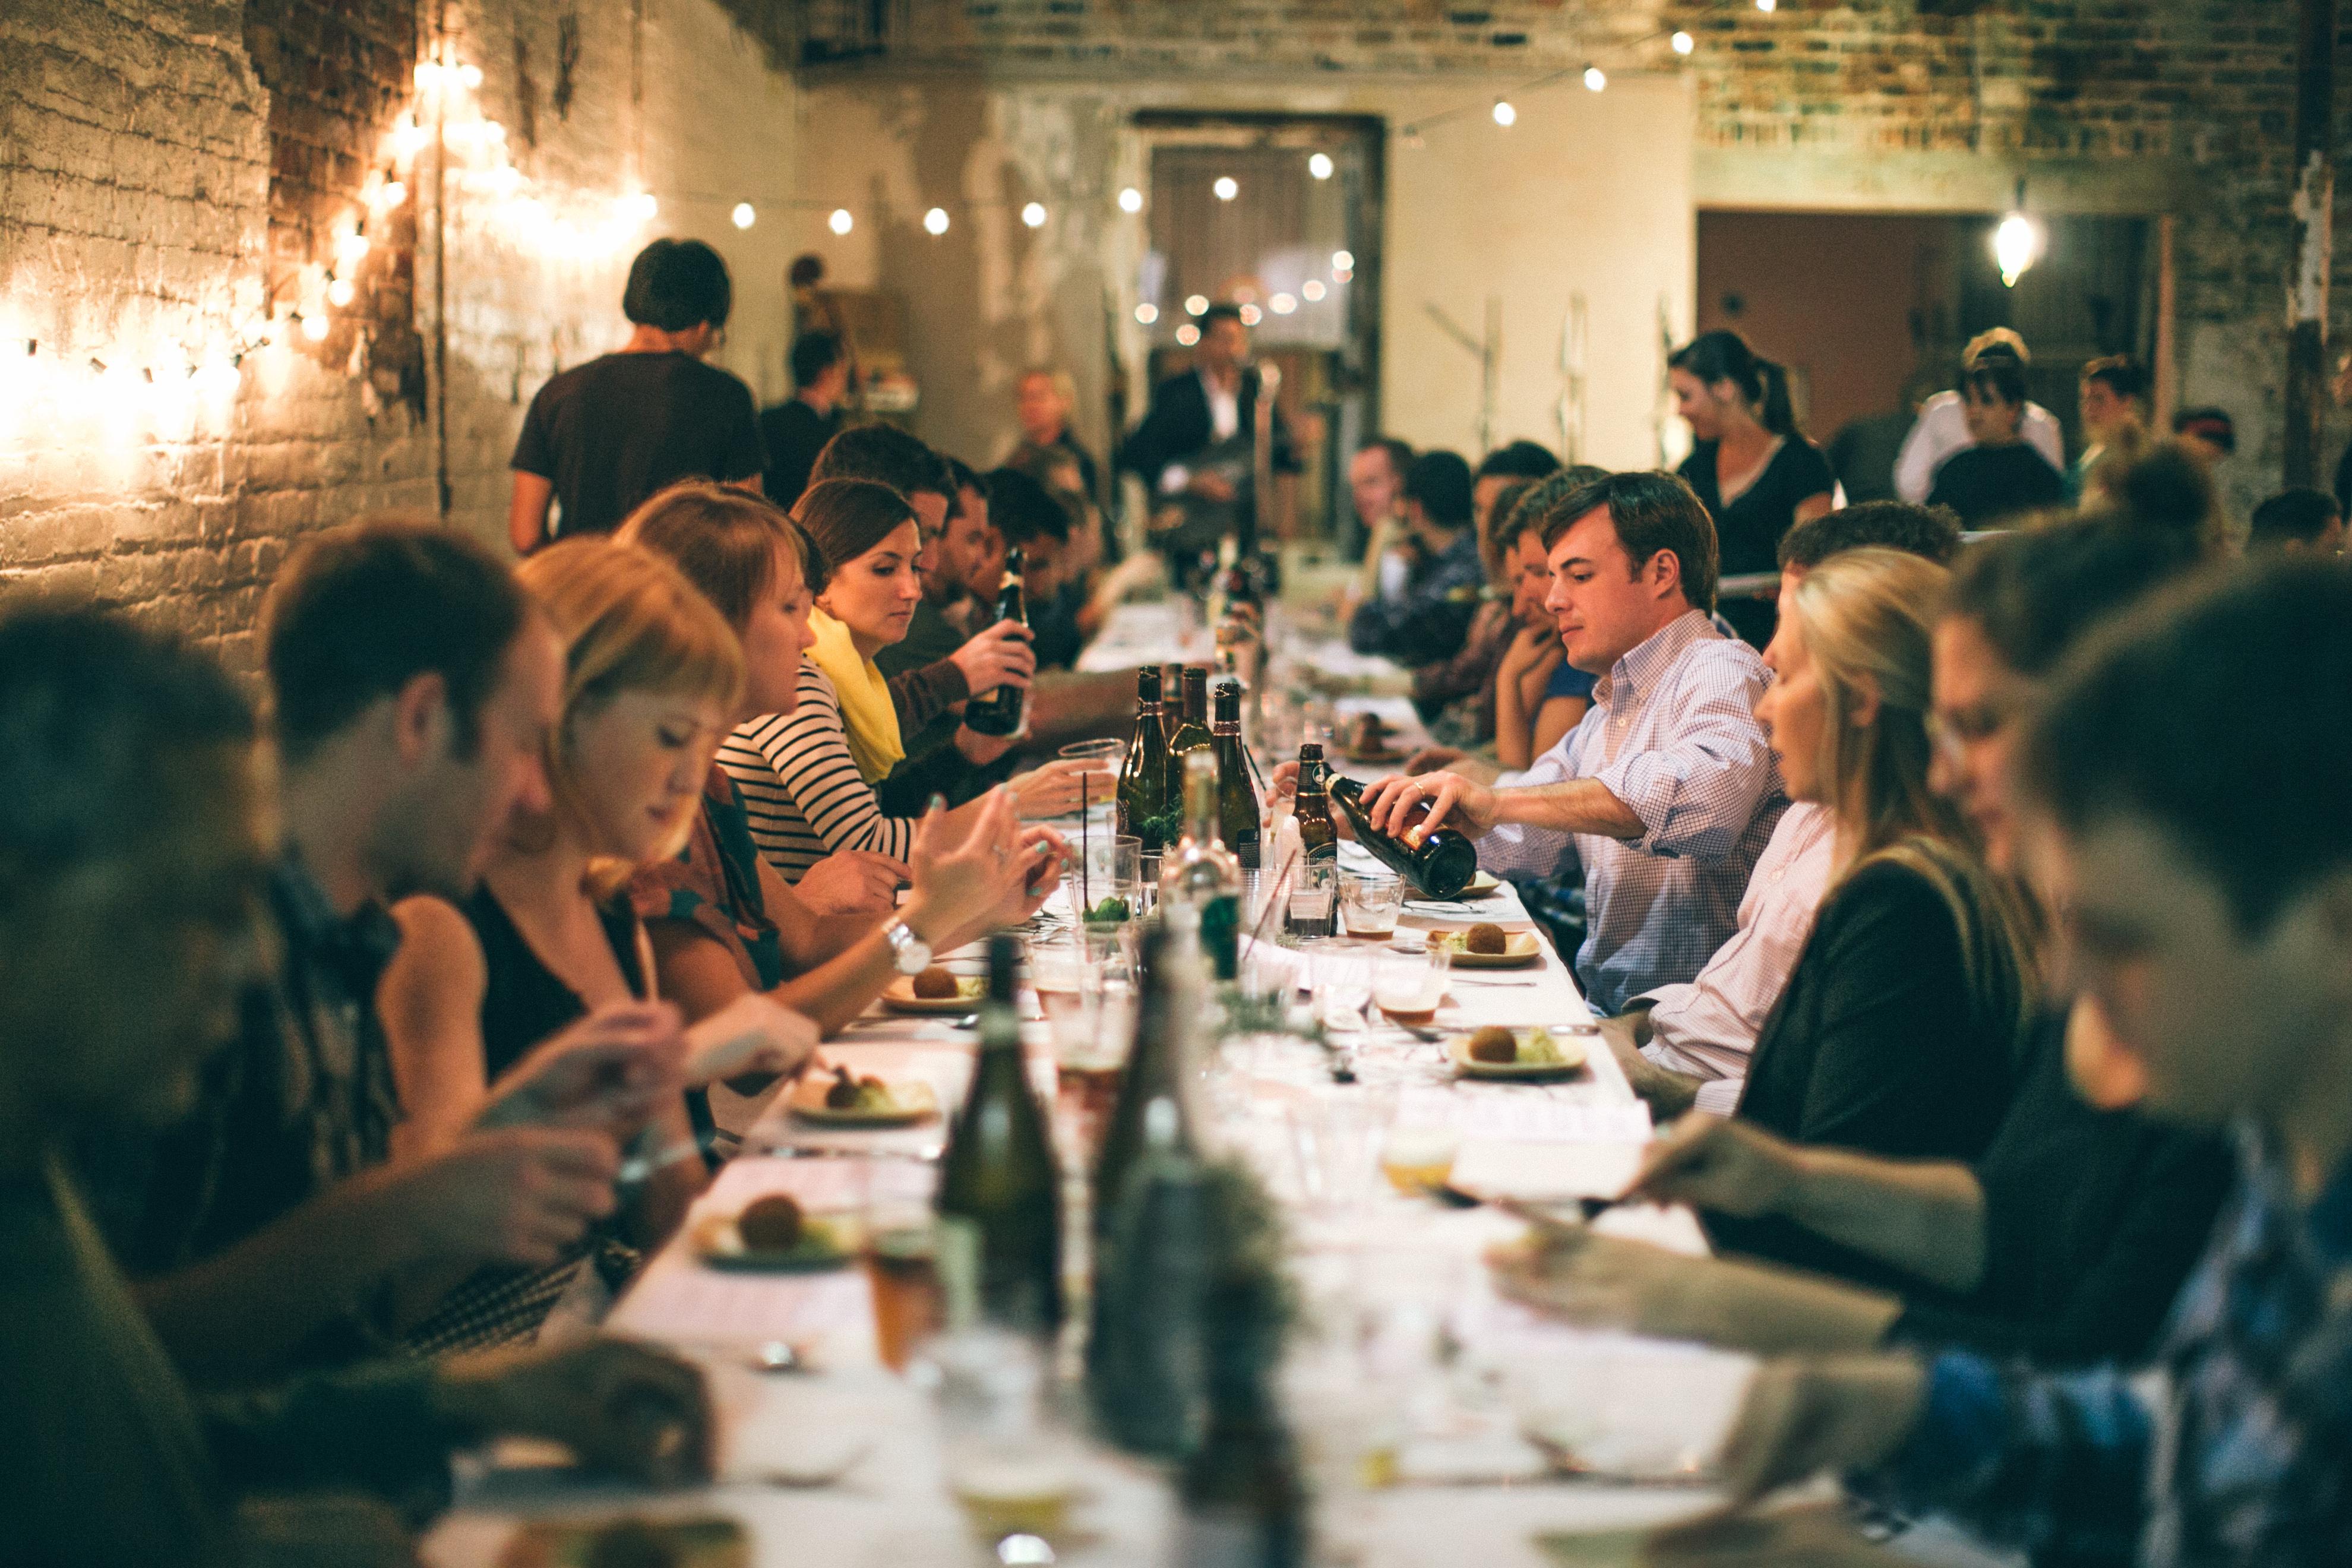 image via Dinner Lab